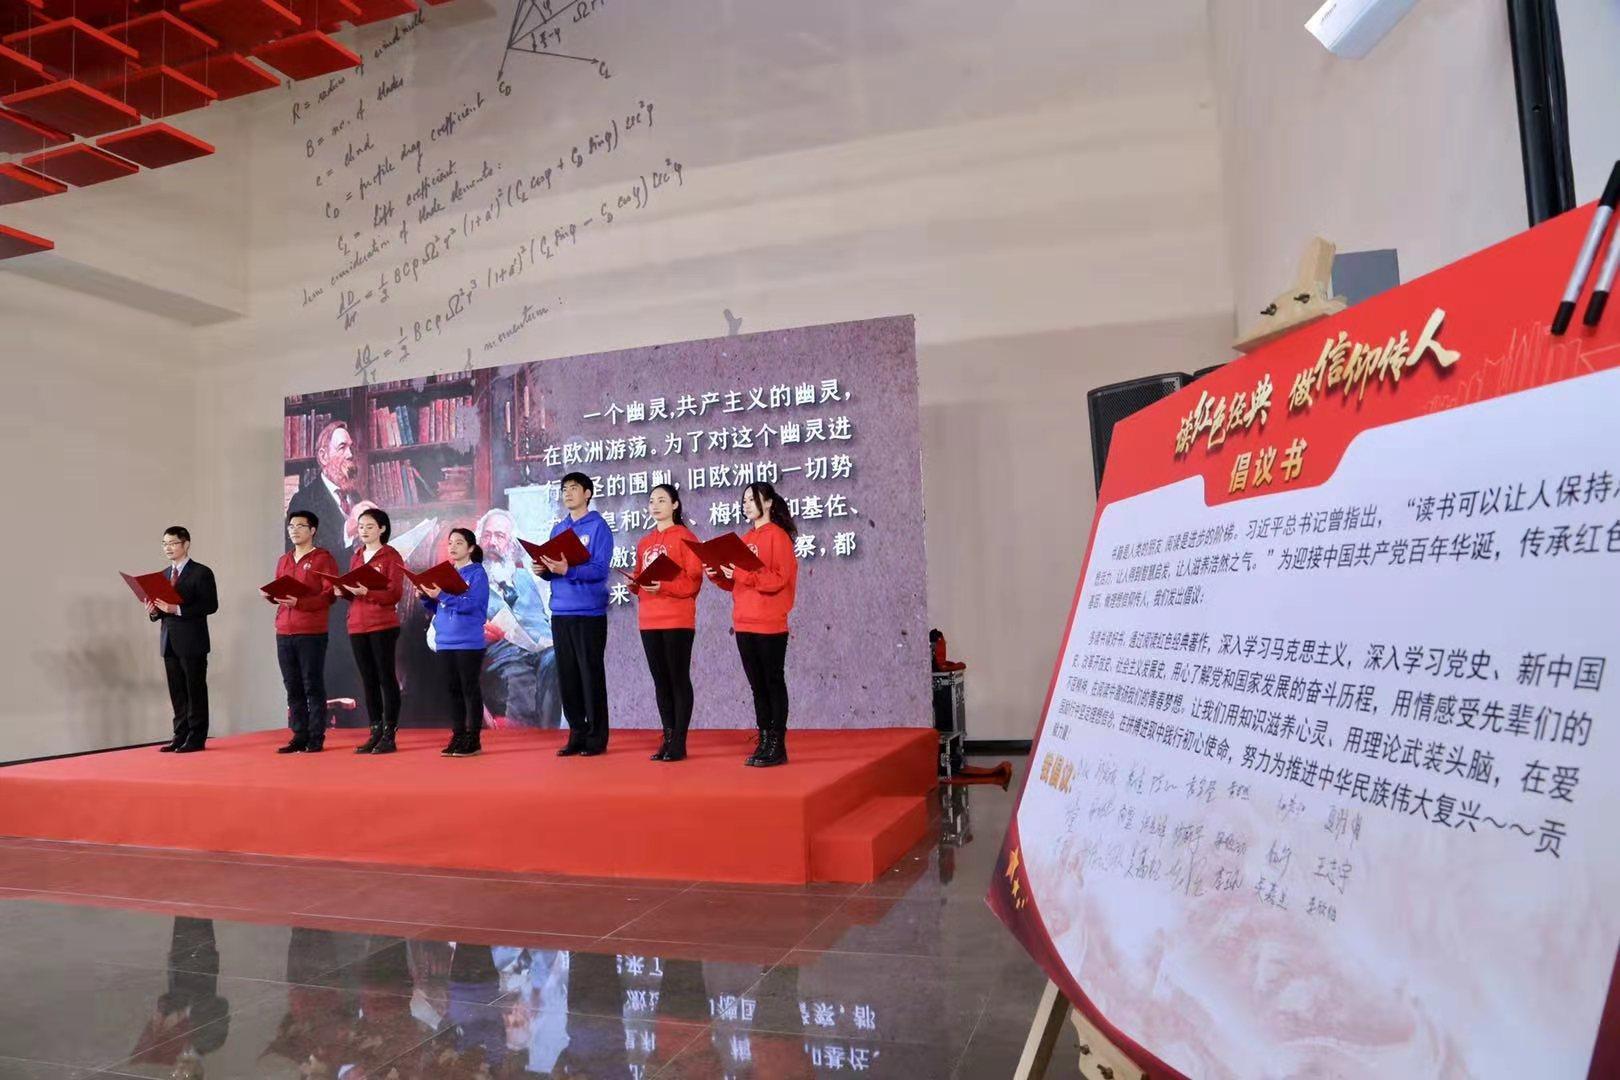 复旦大学教师陈玉聃领诵,复旦大学、上海交通大学、上海商学院学生共同朗诵的《共产党宣言》经典片段.jpg